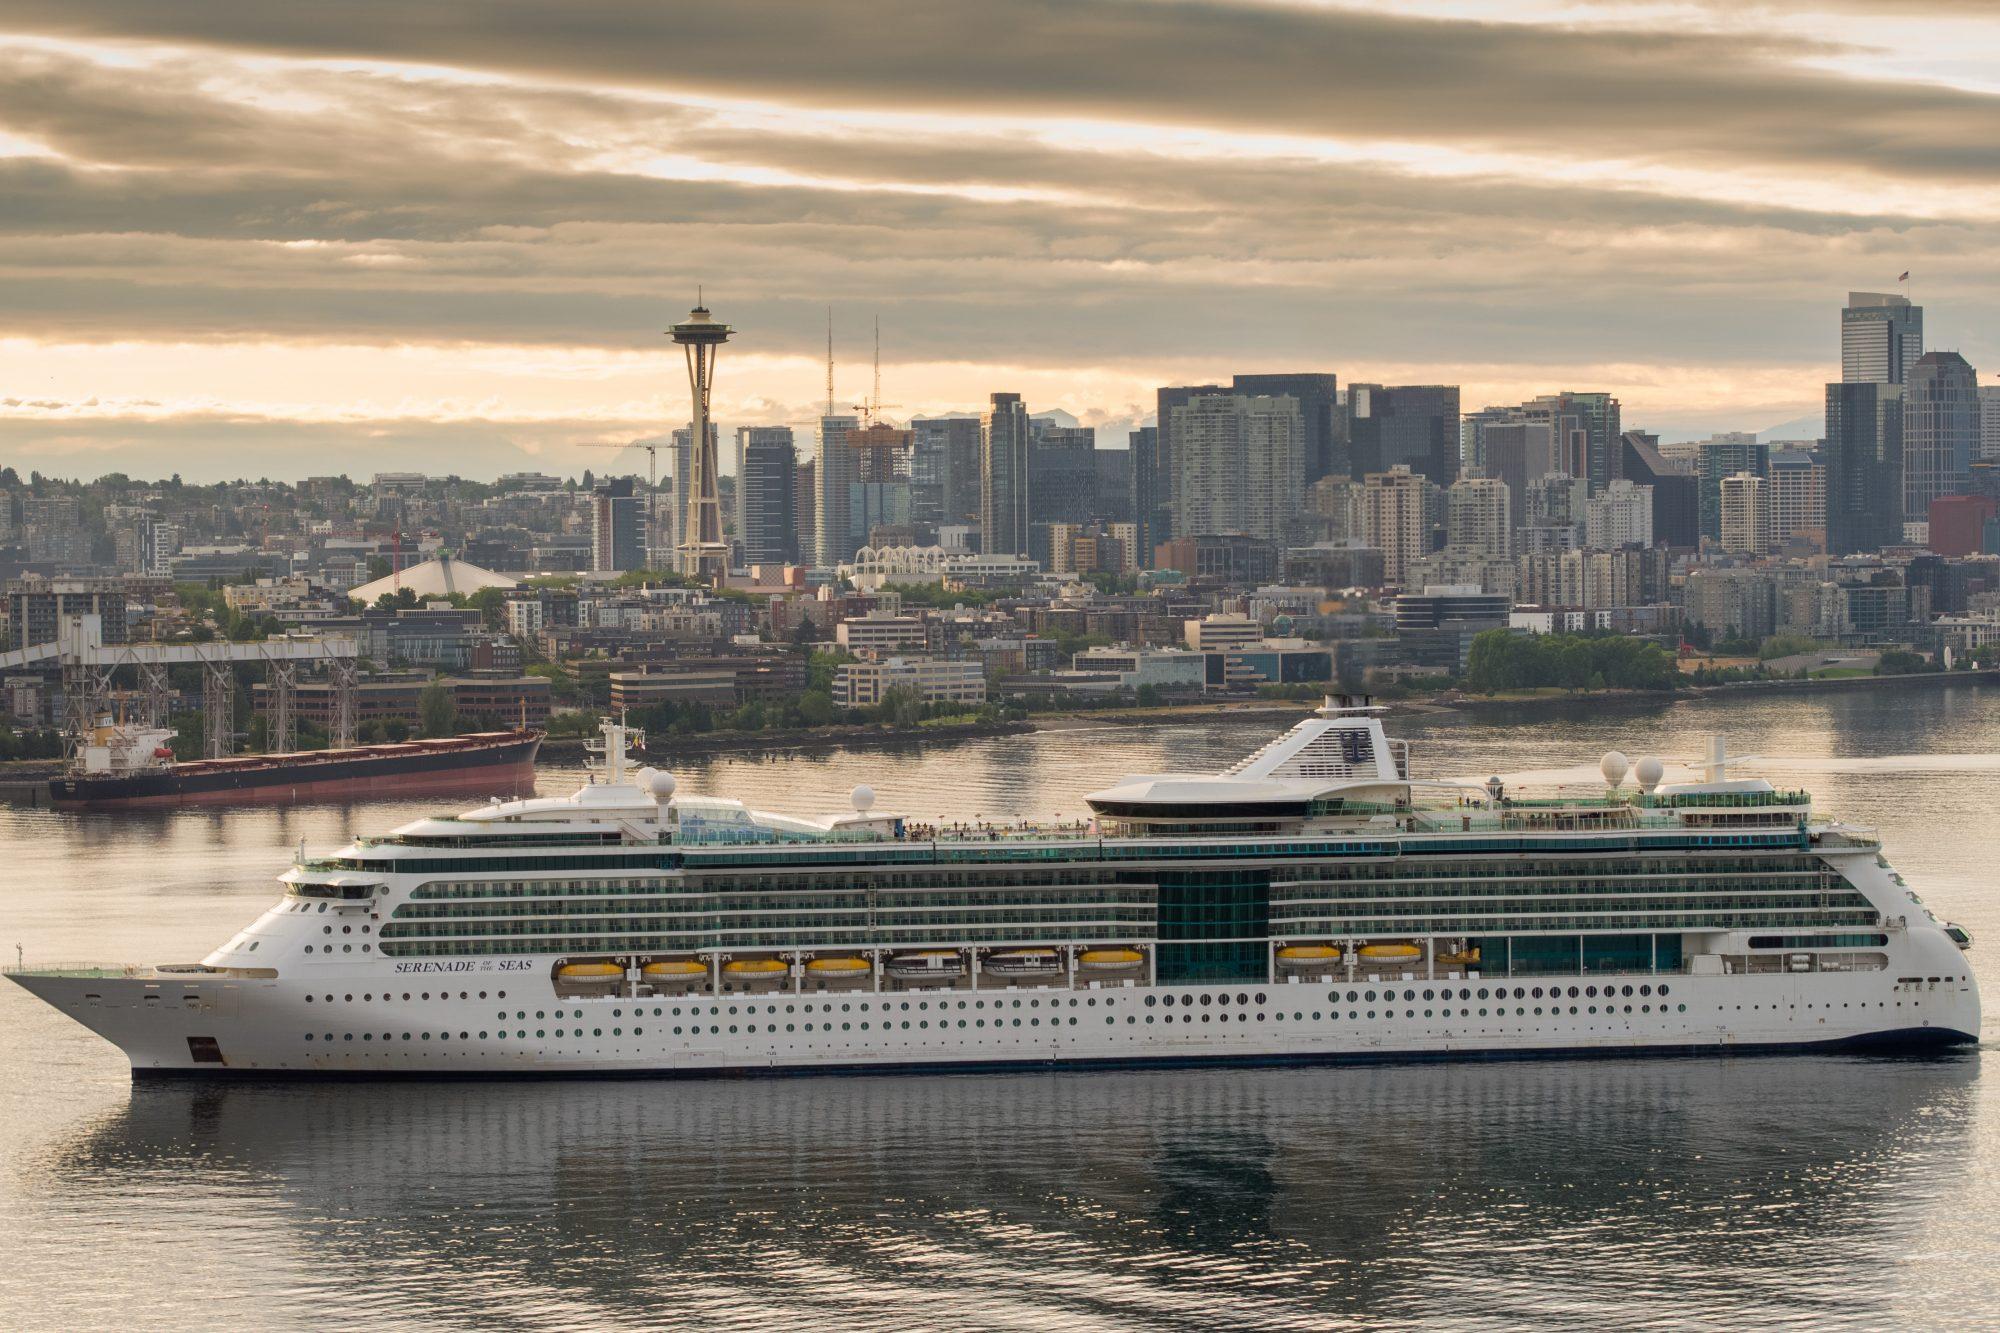 Royal Caribbean embarca para o Alasca pela primeira vez desde 2019